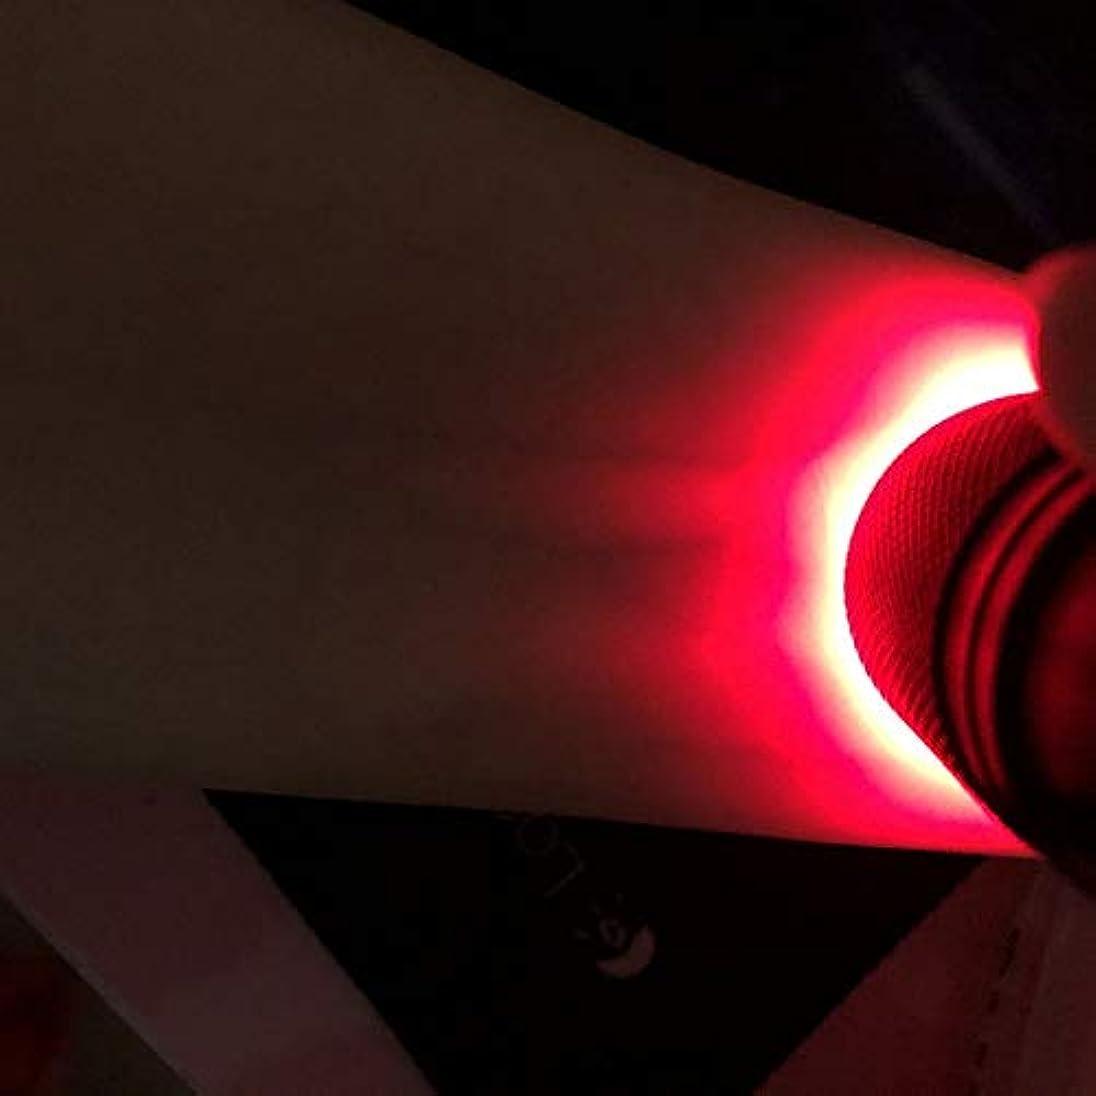 消費茎デッド静脈イメージング懐中電灯血管ディスプレイ懐中電灯手穿刺による血管ライトの確認皮下静脈デバイスの発見が容易